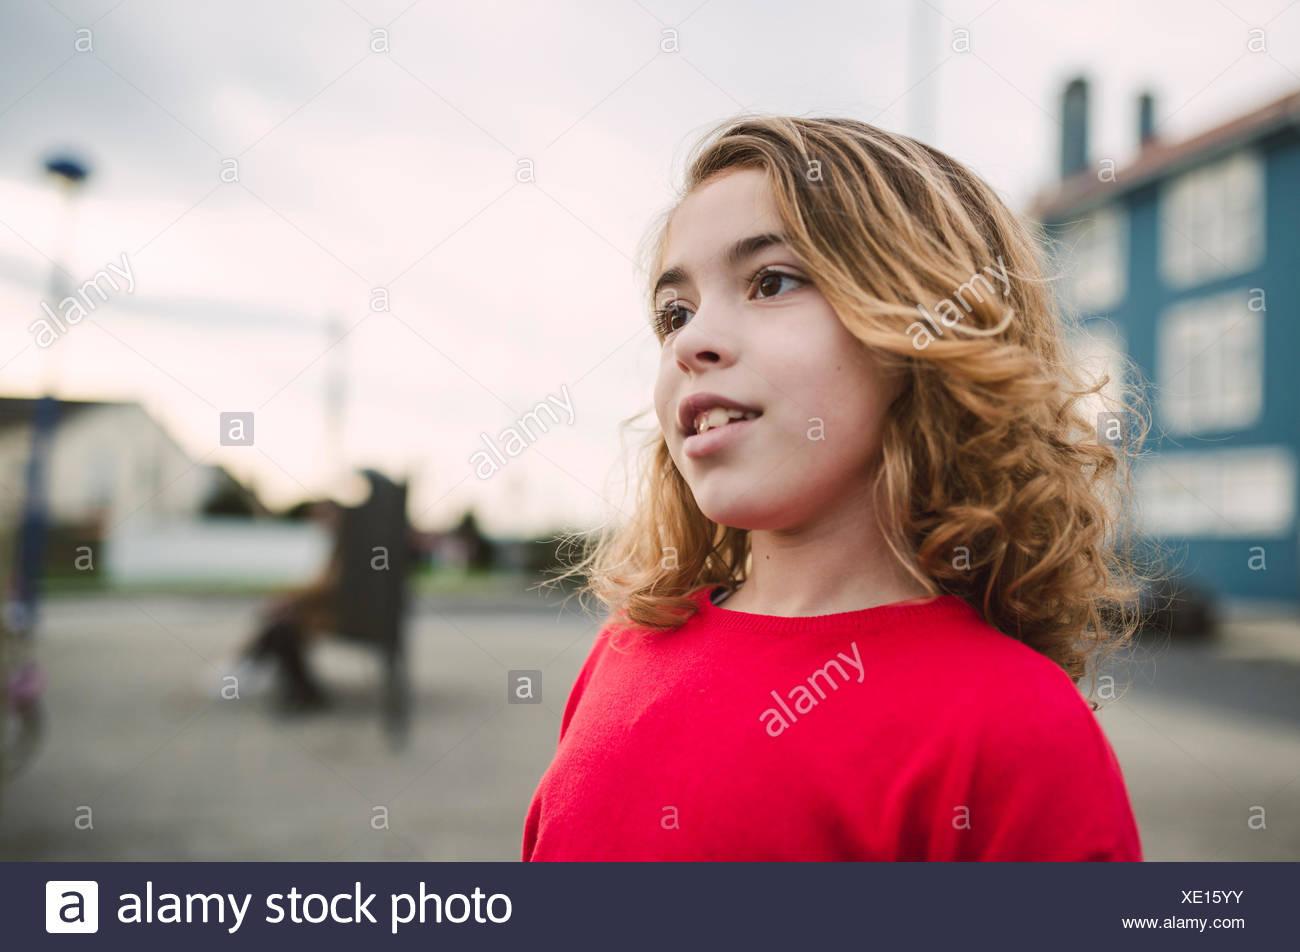 reputable site b6e6a 7b8c5 Ritratto di bimba bionda che indossa maglione rosso Foto ...